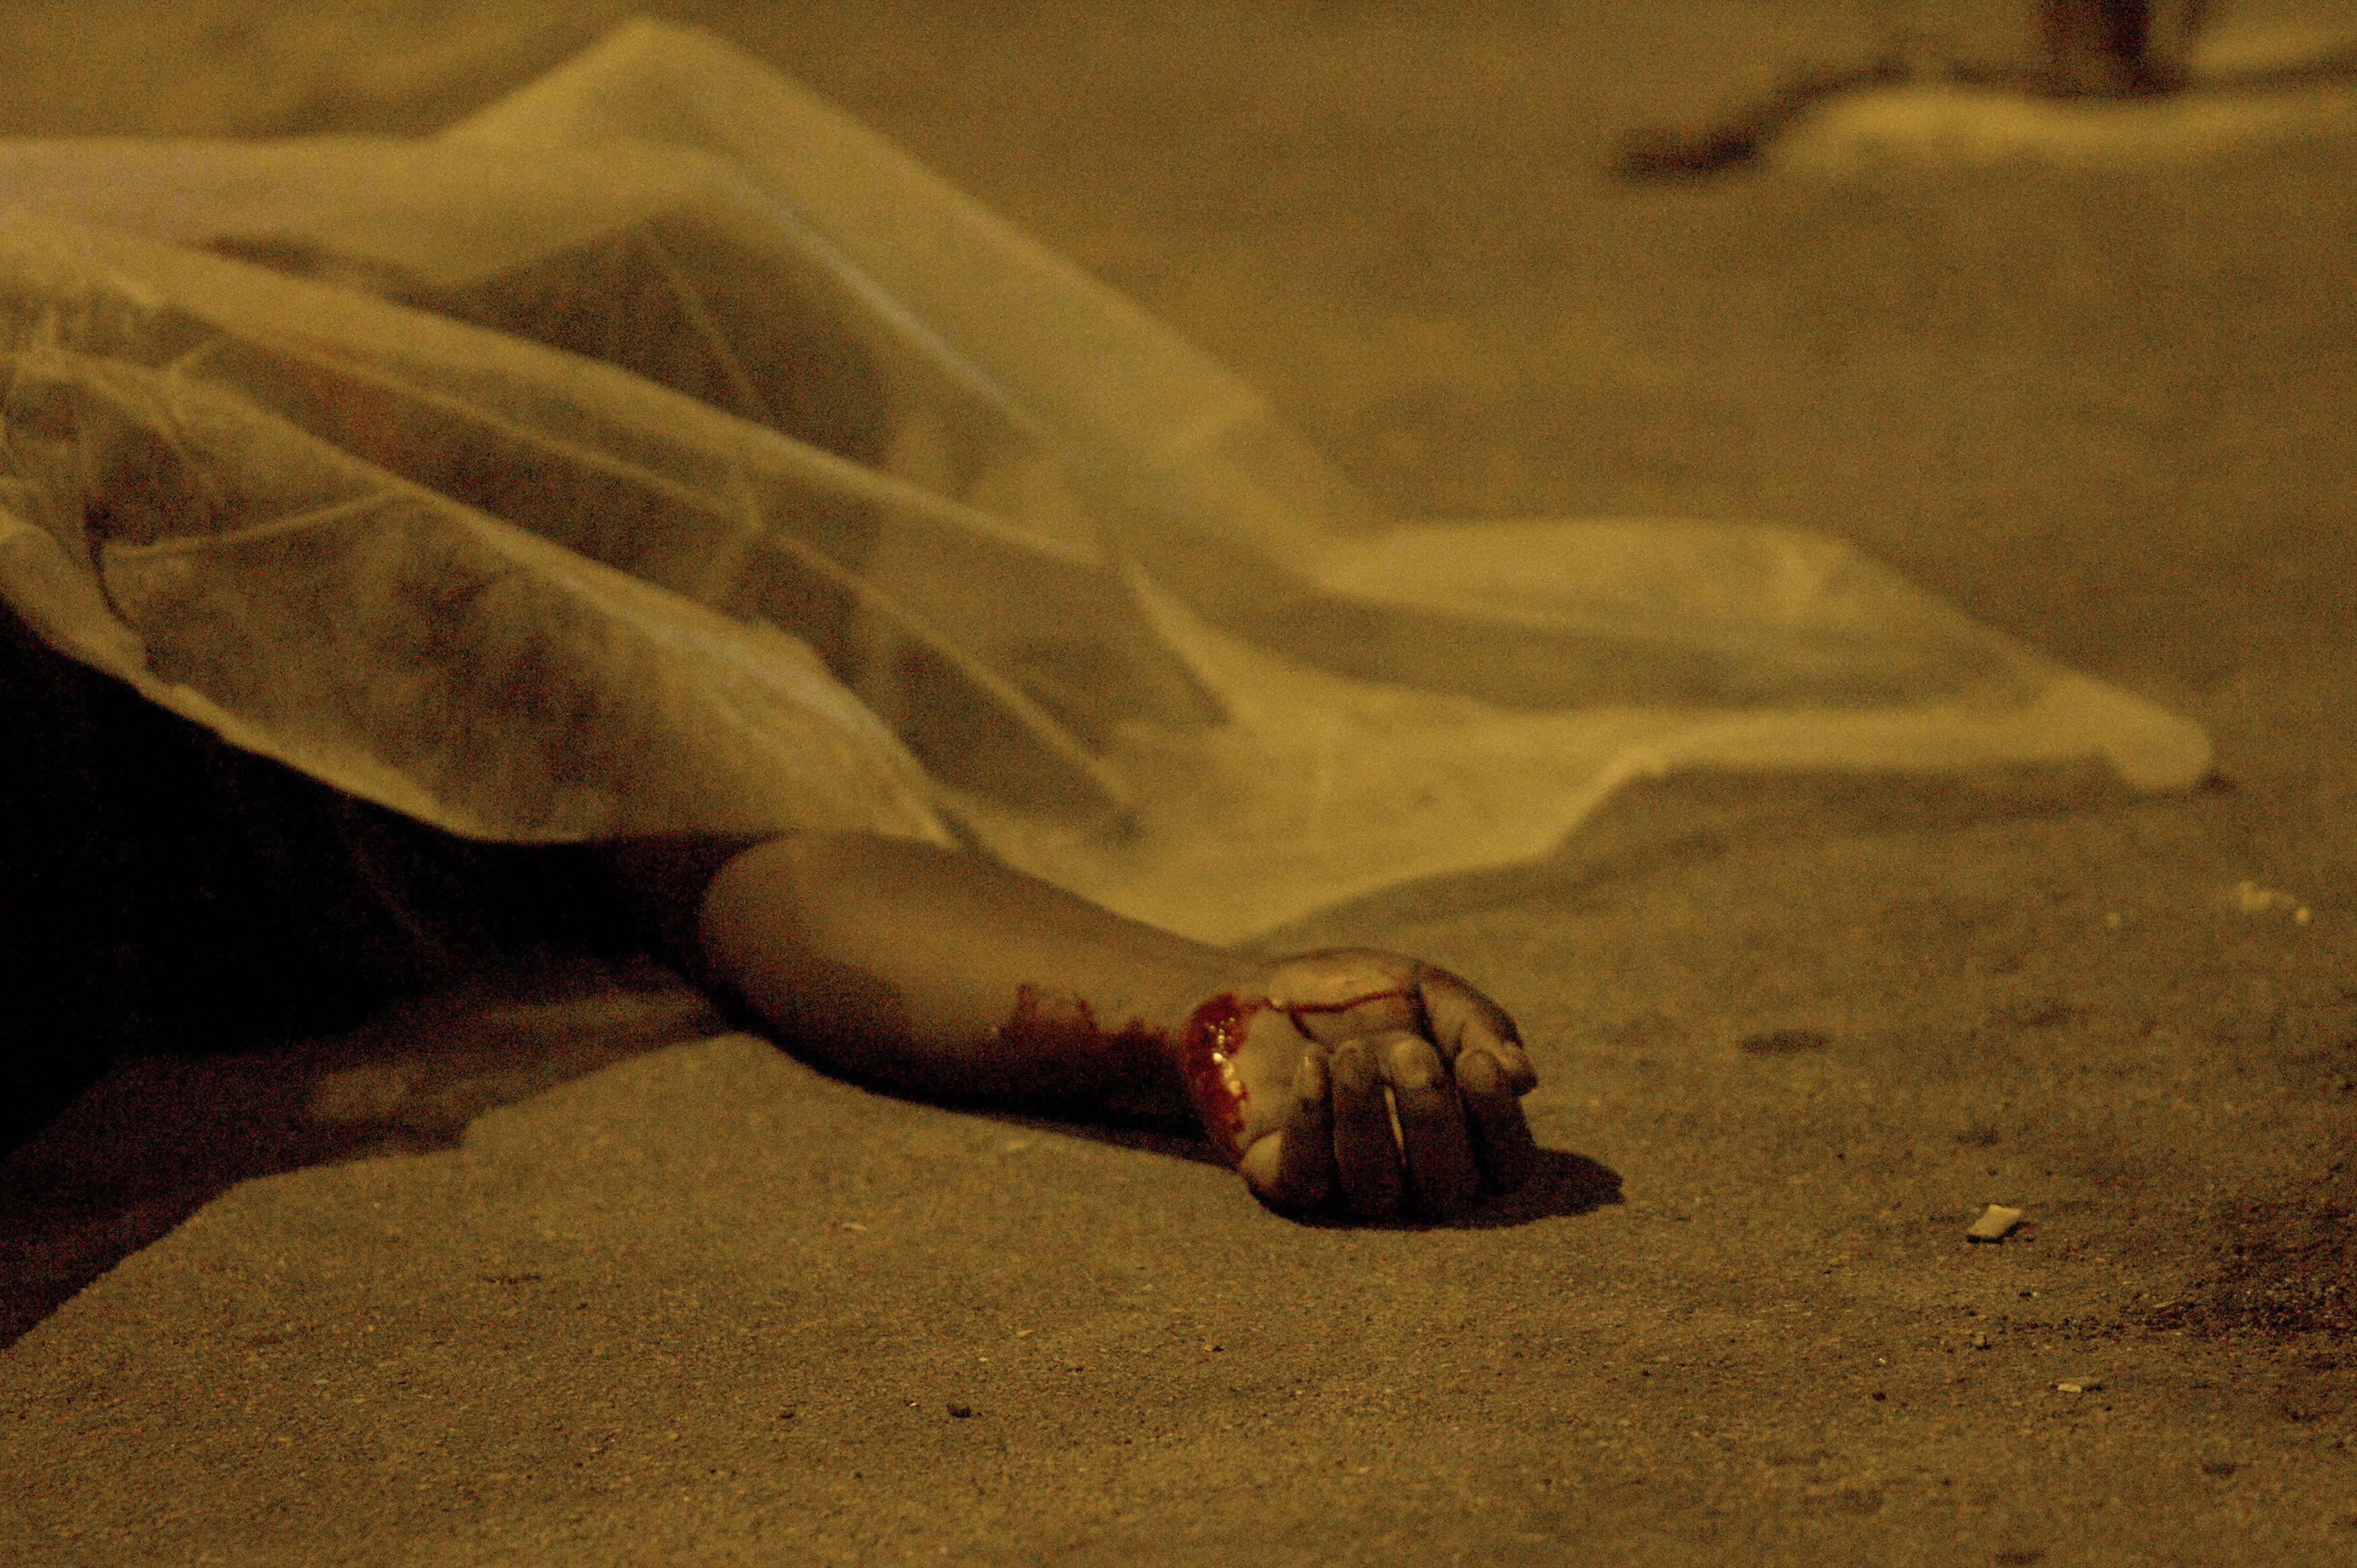 La 'strage degli africani' a Castelvolturno, il 19 settembre 2008